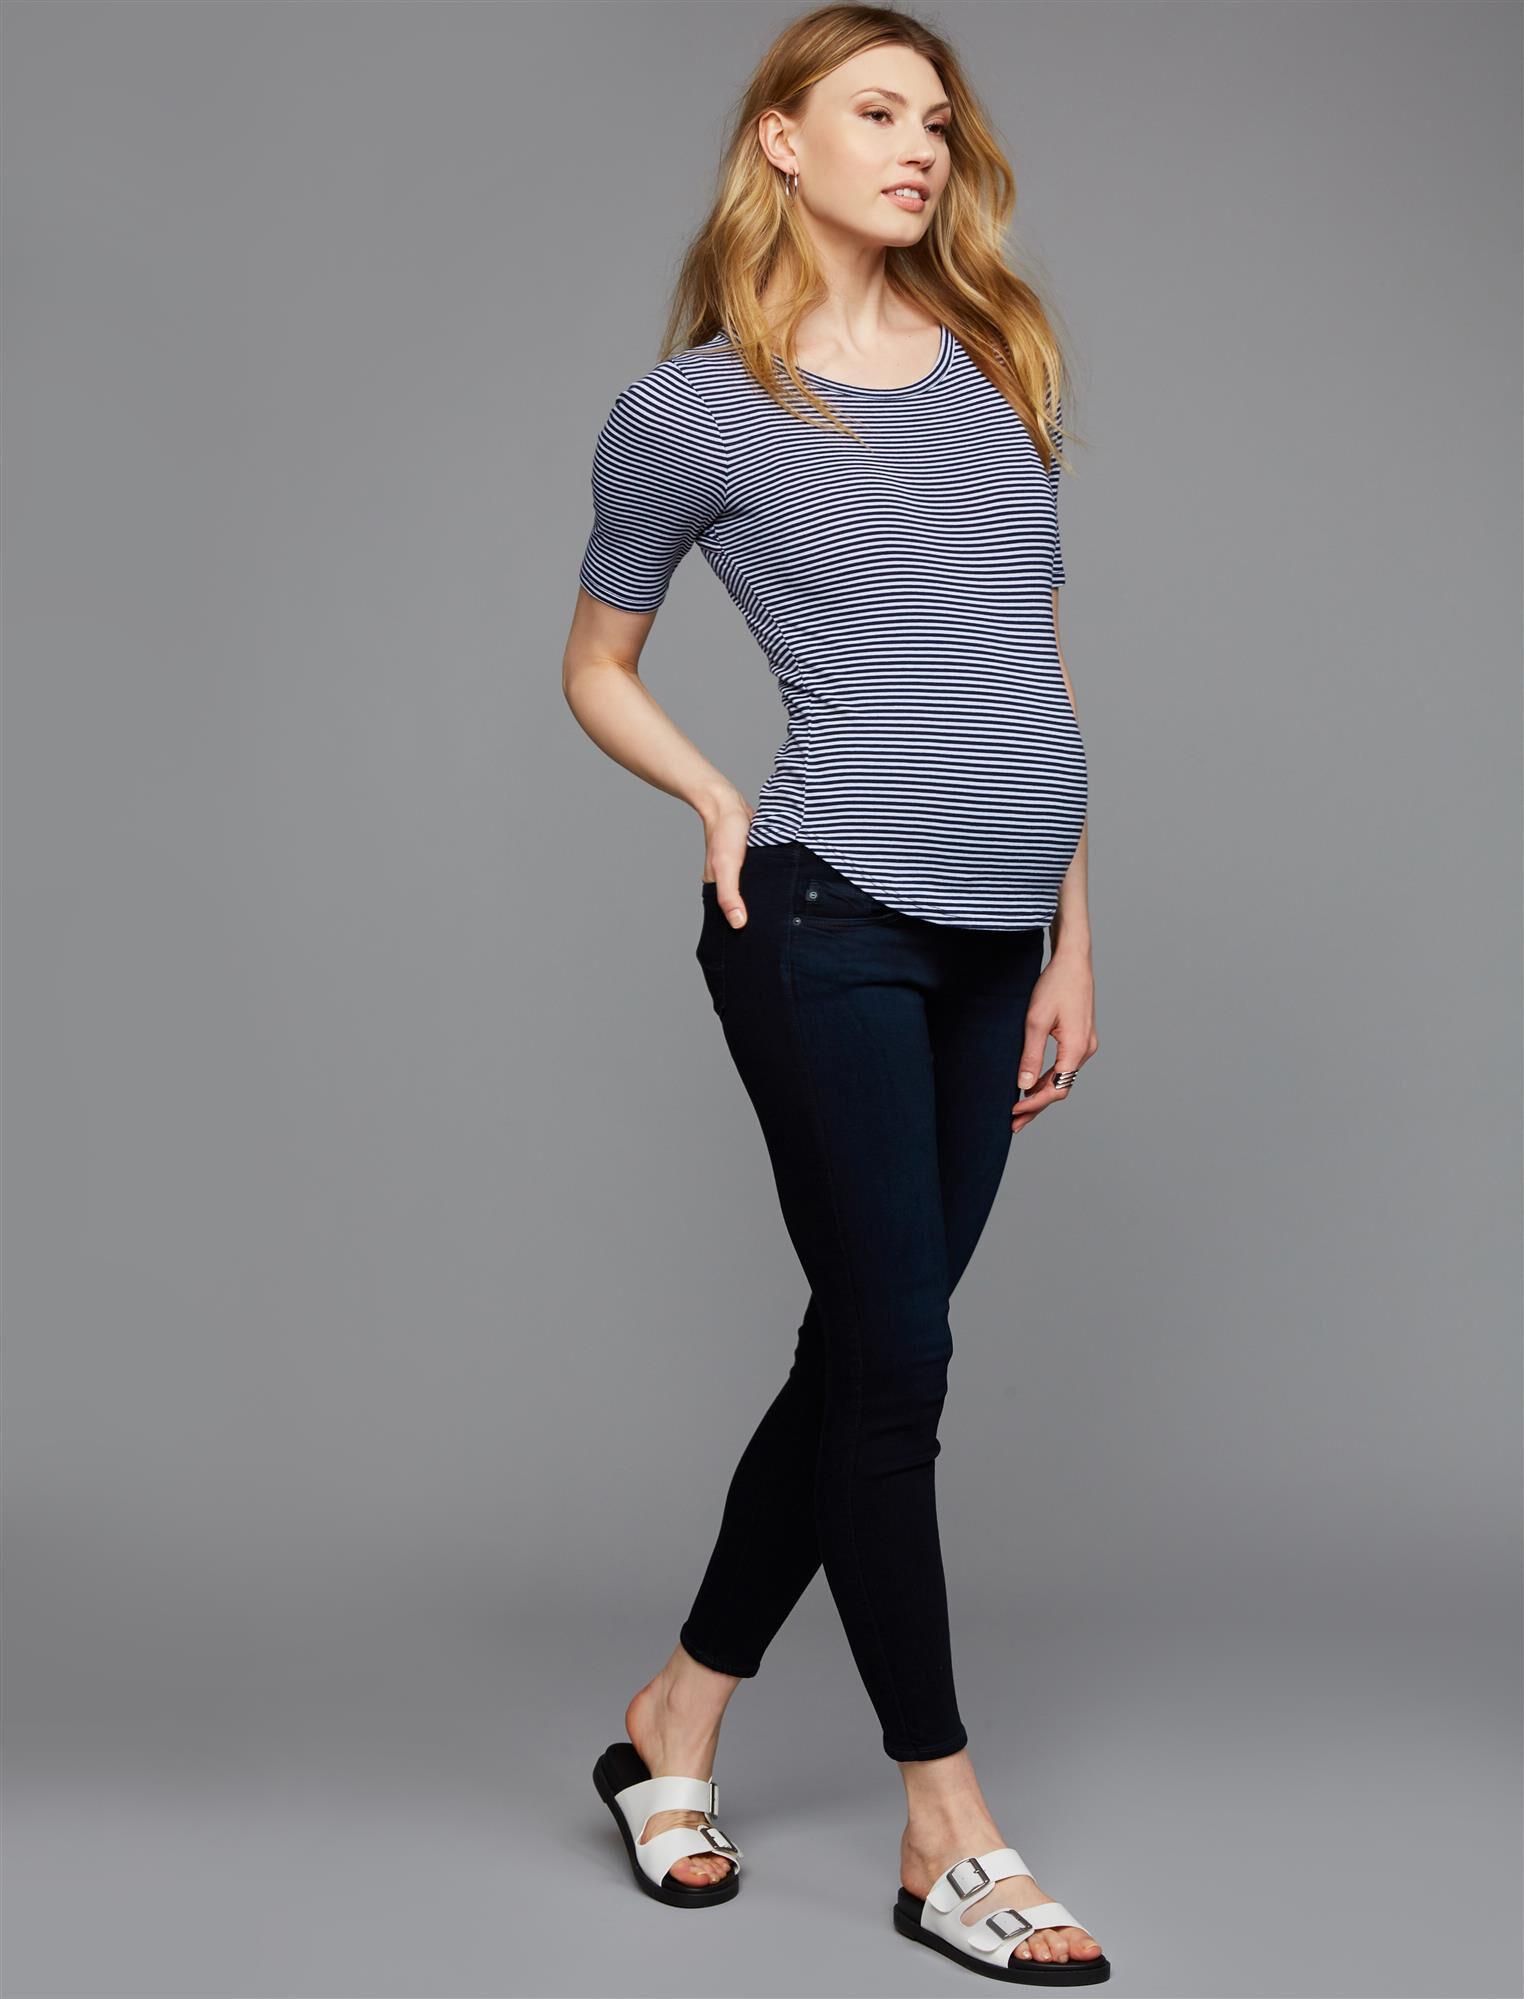 AG Secret Fit Belly Legging Ankle Maternity Jeans- Chromis